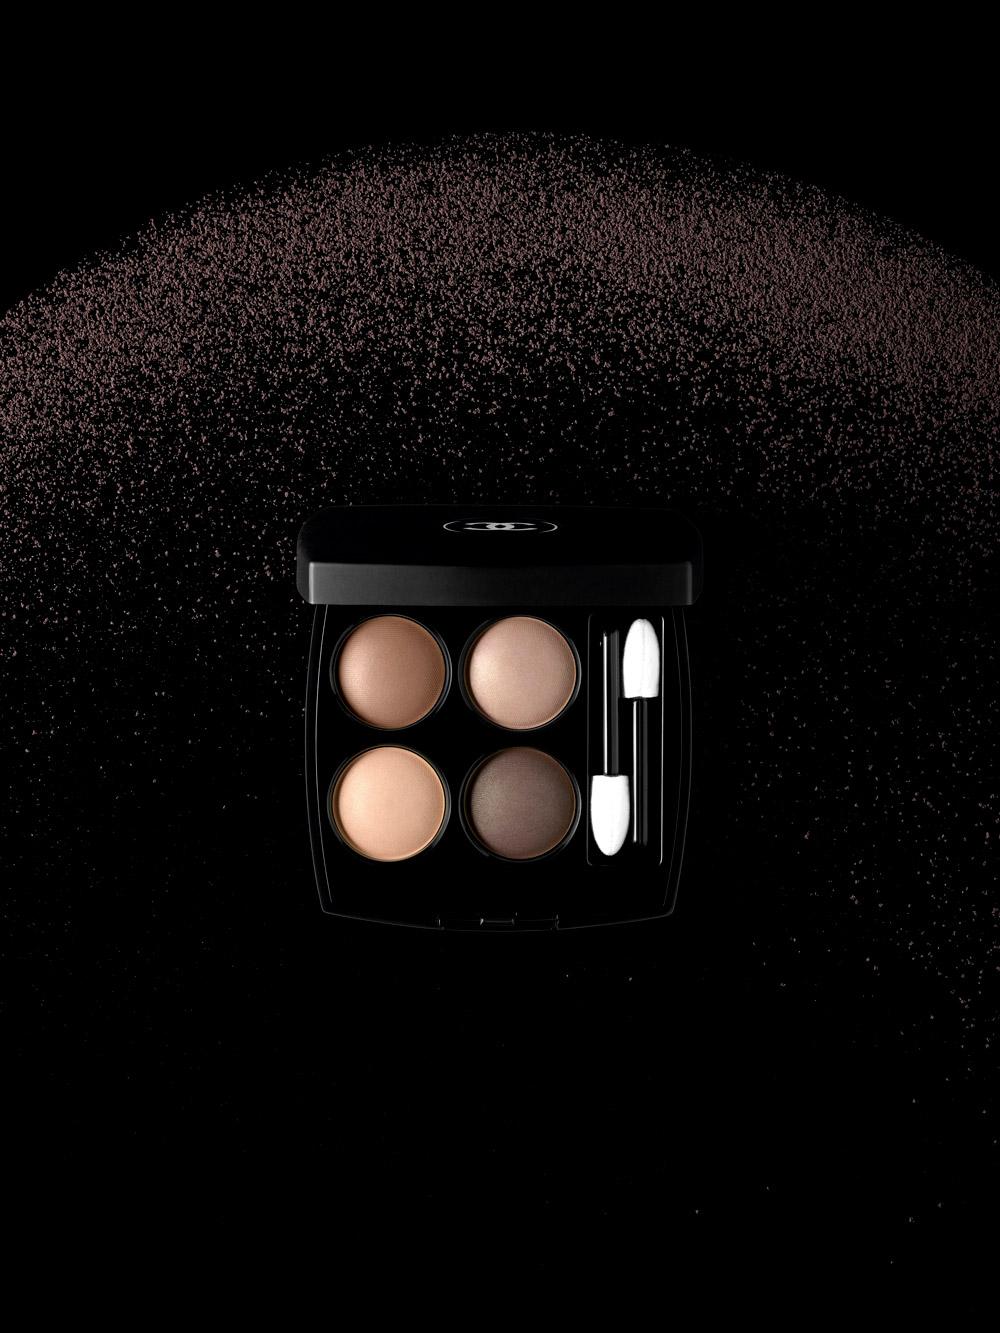 Chanel Apotheosis Le Mat ist eine Hommage an matte Texturen und leuchtende Farben.